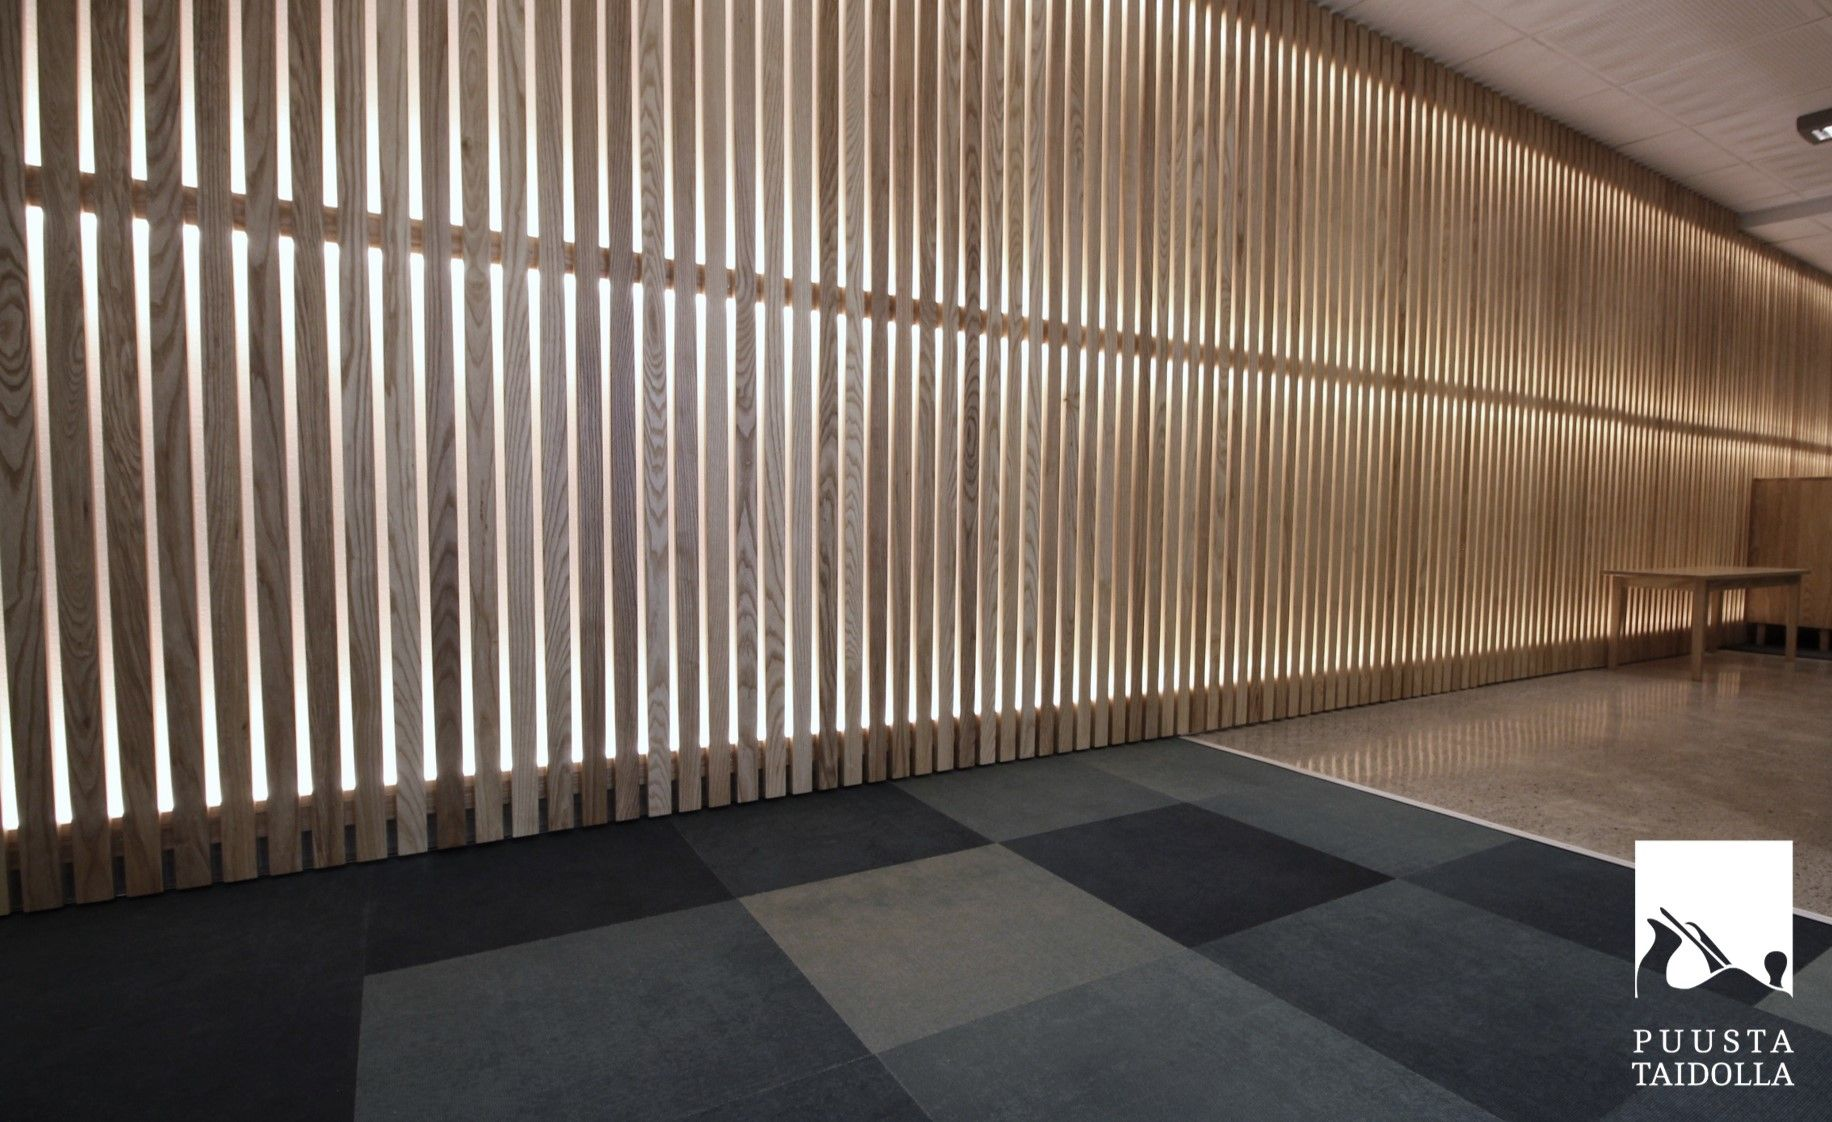 Sisäilmalähetti, Tampere   Toteutus Puutyöliike Ojanen Oy  Suunnittelu KYLÄ Design Oy  #puu #kalusteet #mittatilaus #puustataidolla #puutyöliikeojanen #kylädesign